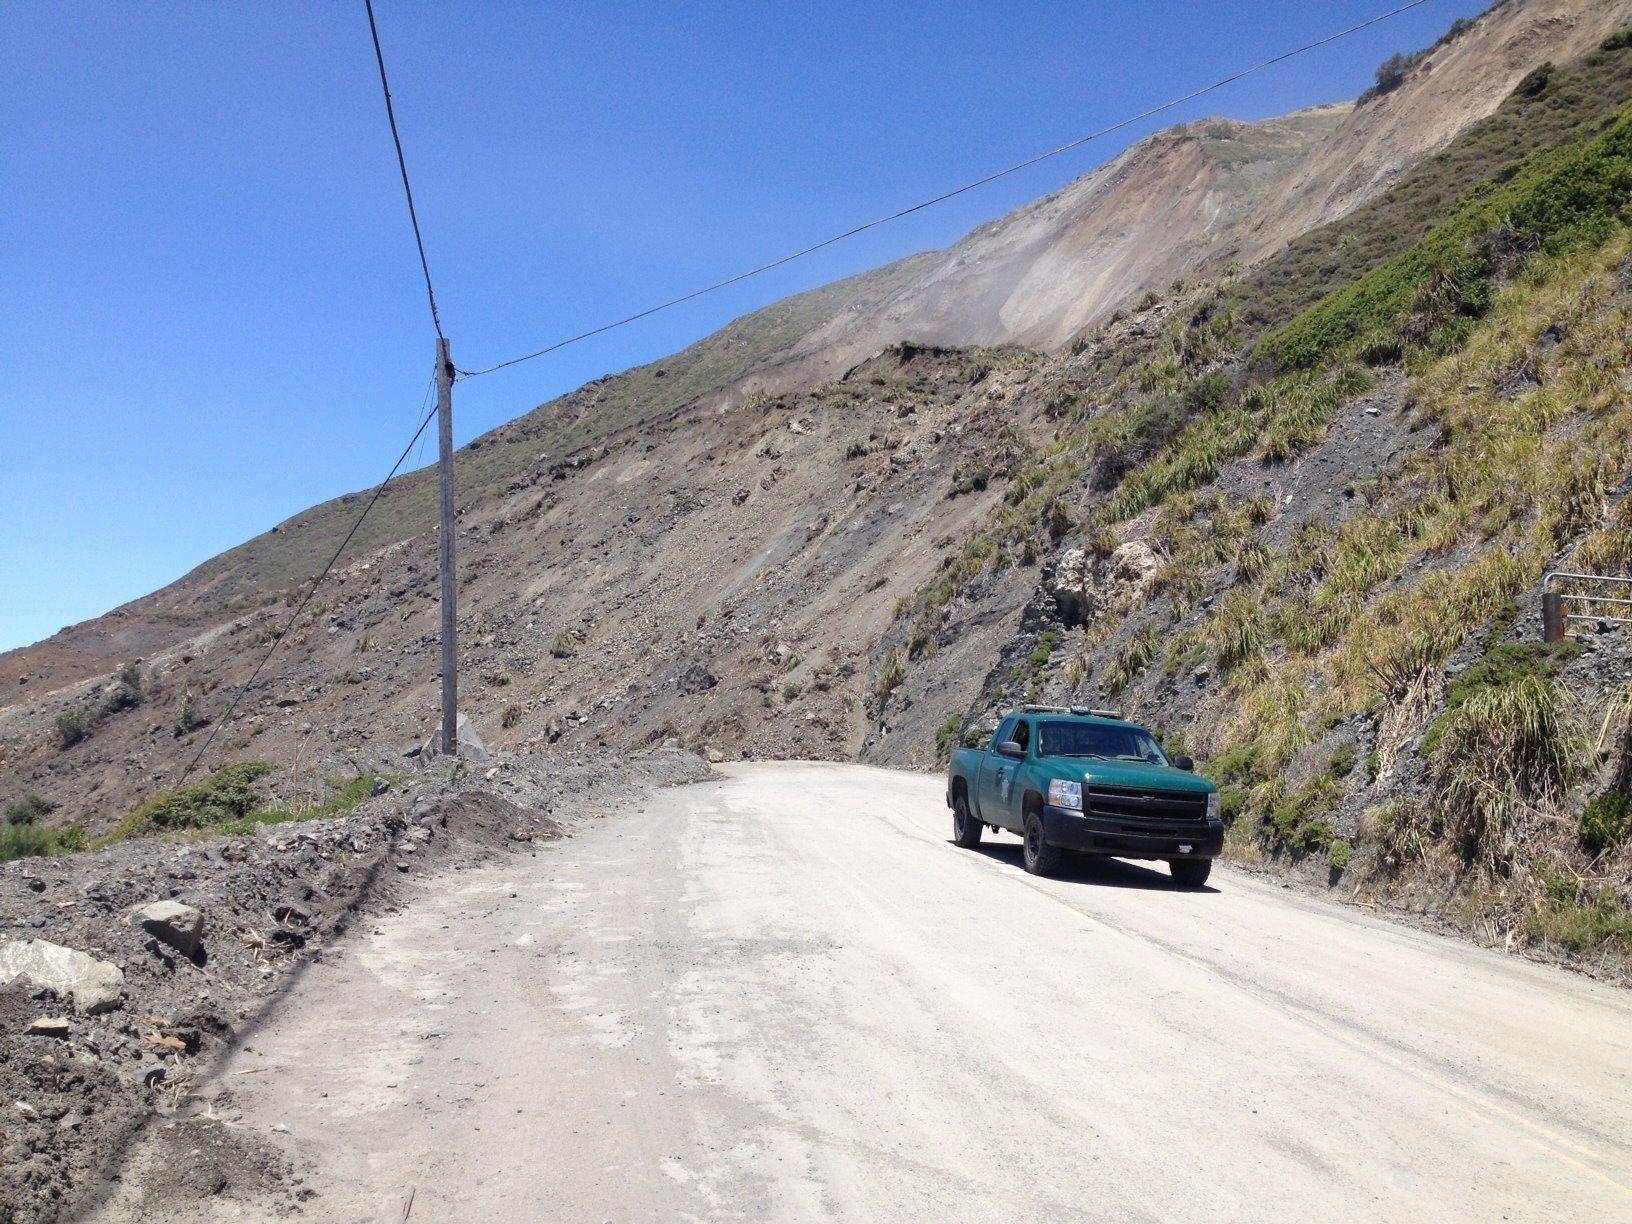 1500 feet of California highway blocked by slide